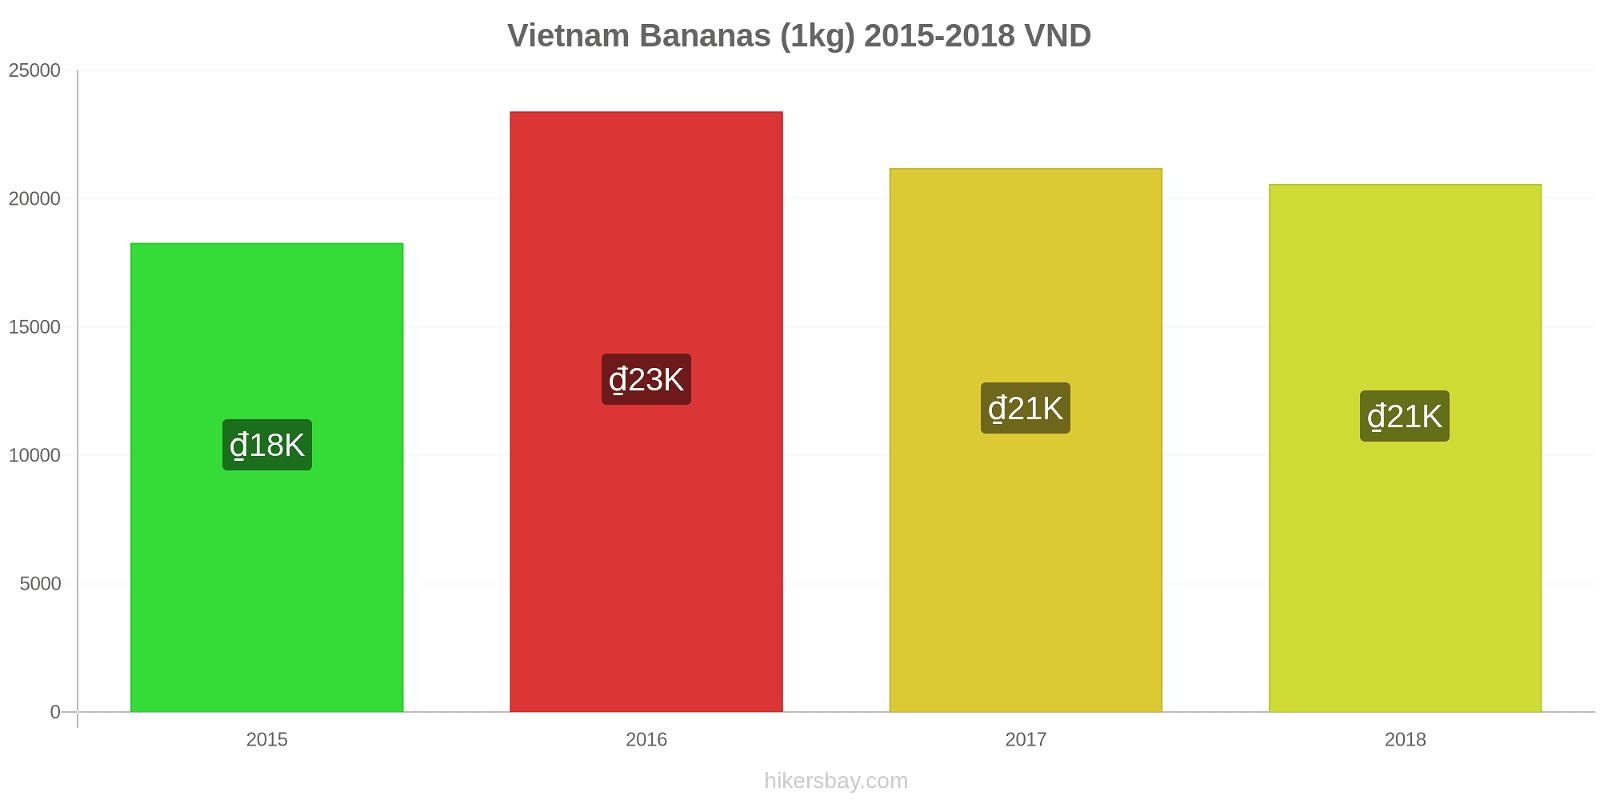 Vietnam price changes Bananas (1kg) hikersbay.com